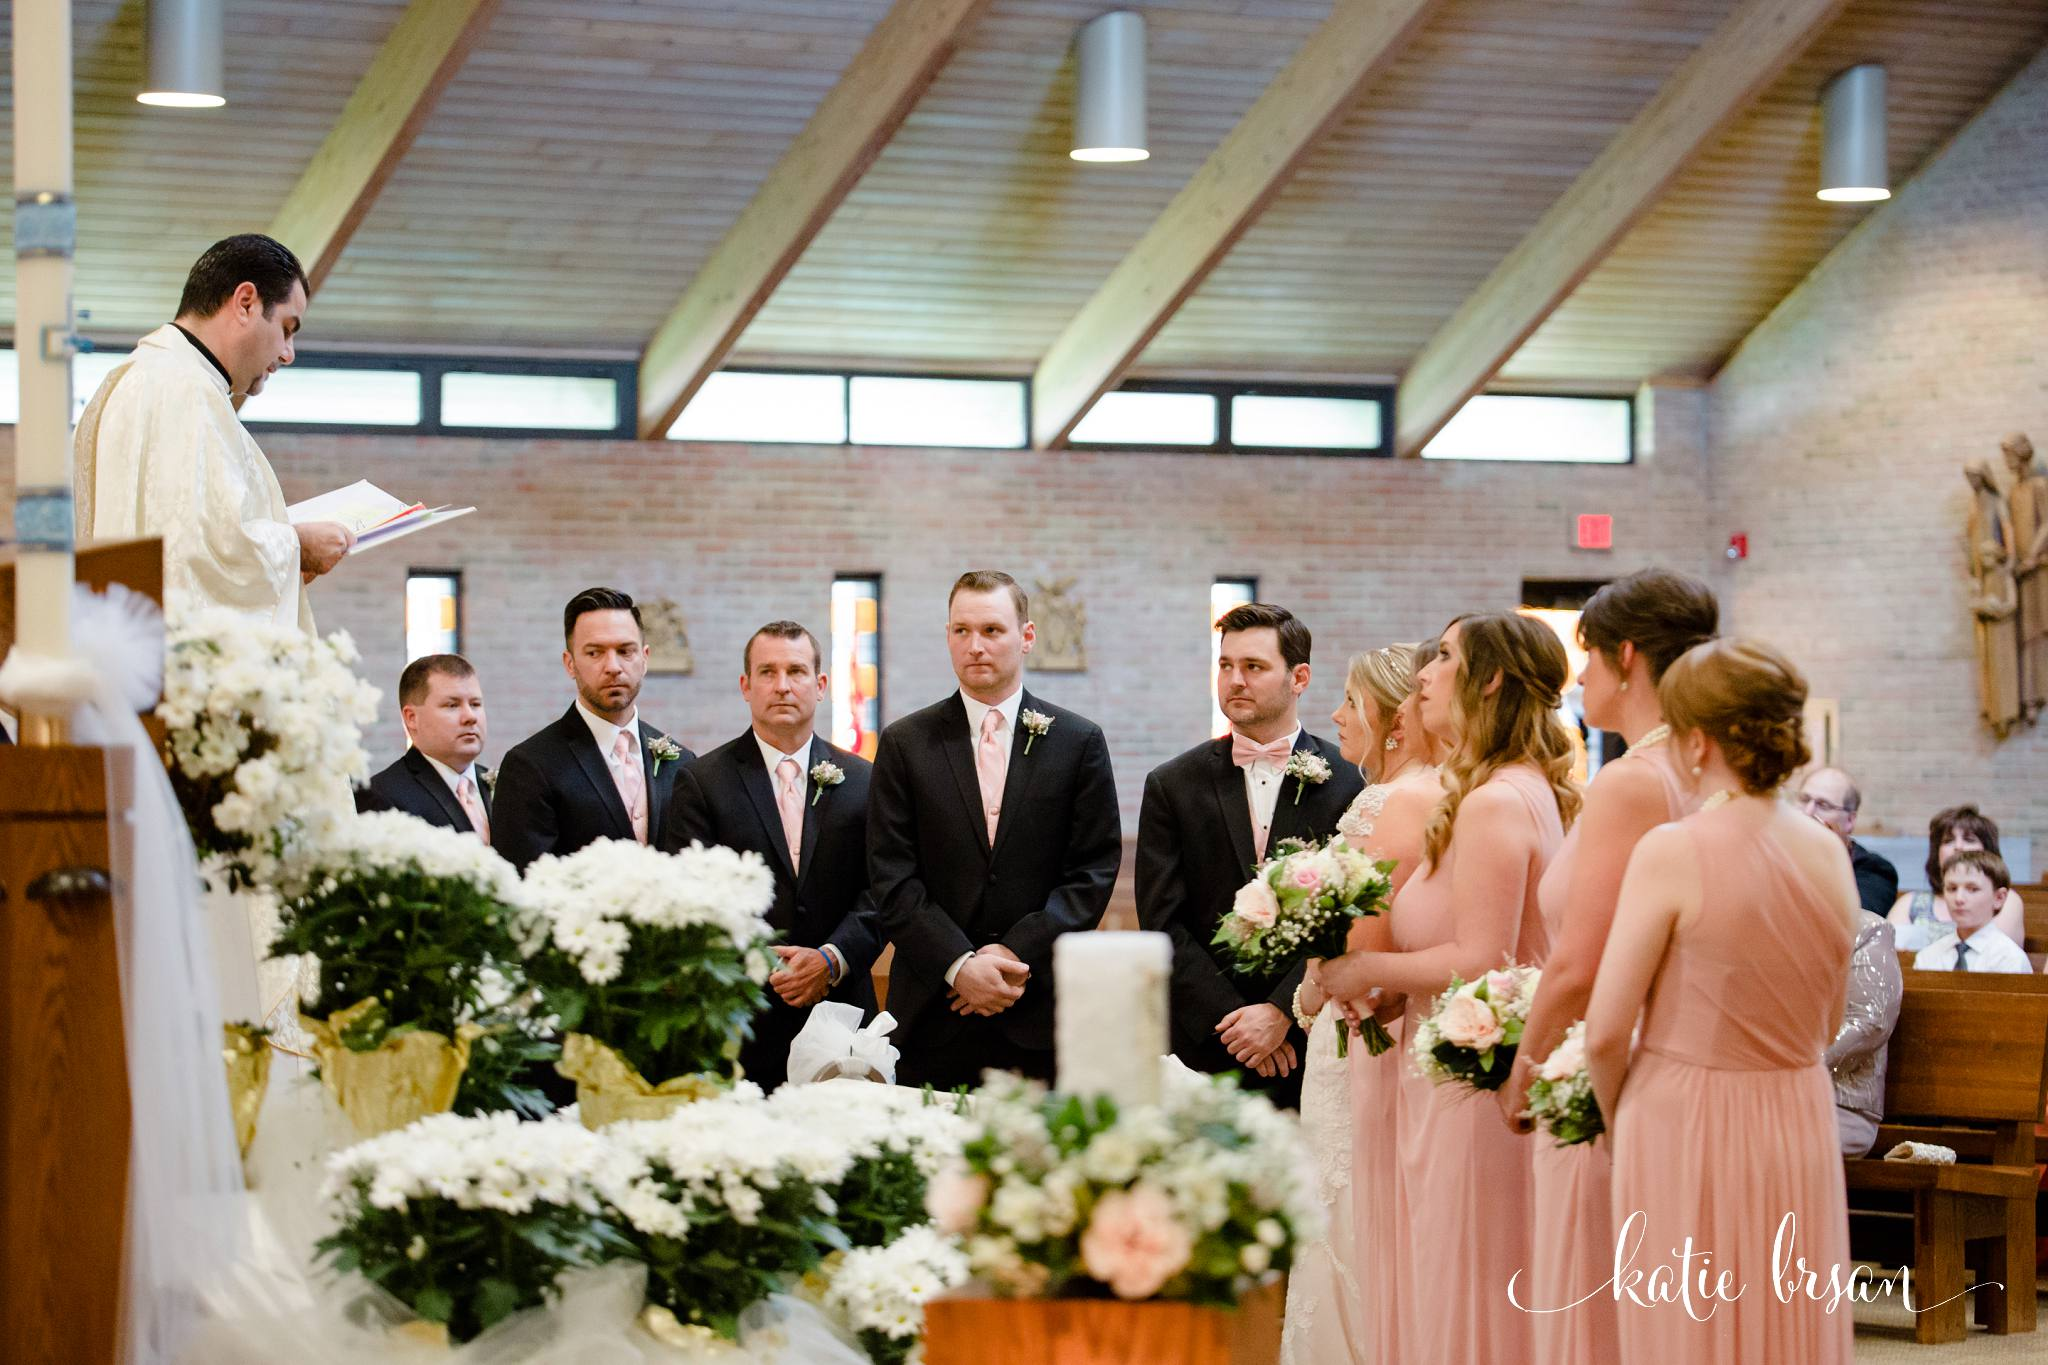 Mokena_Lemont_Wedding_Ruffled_Feathers_Wedding_1355.jpg